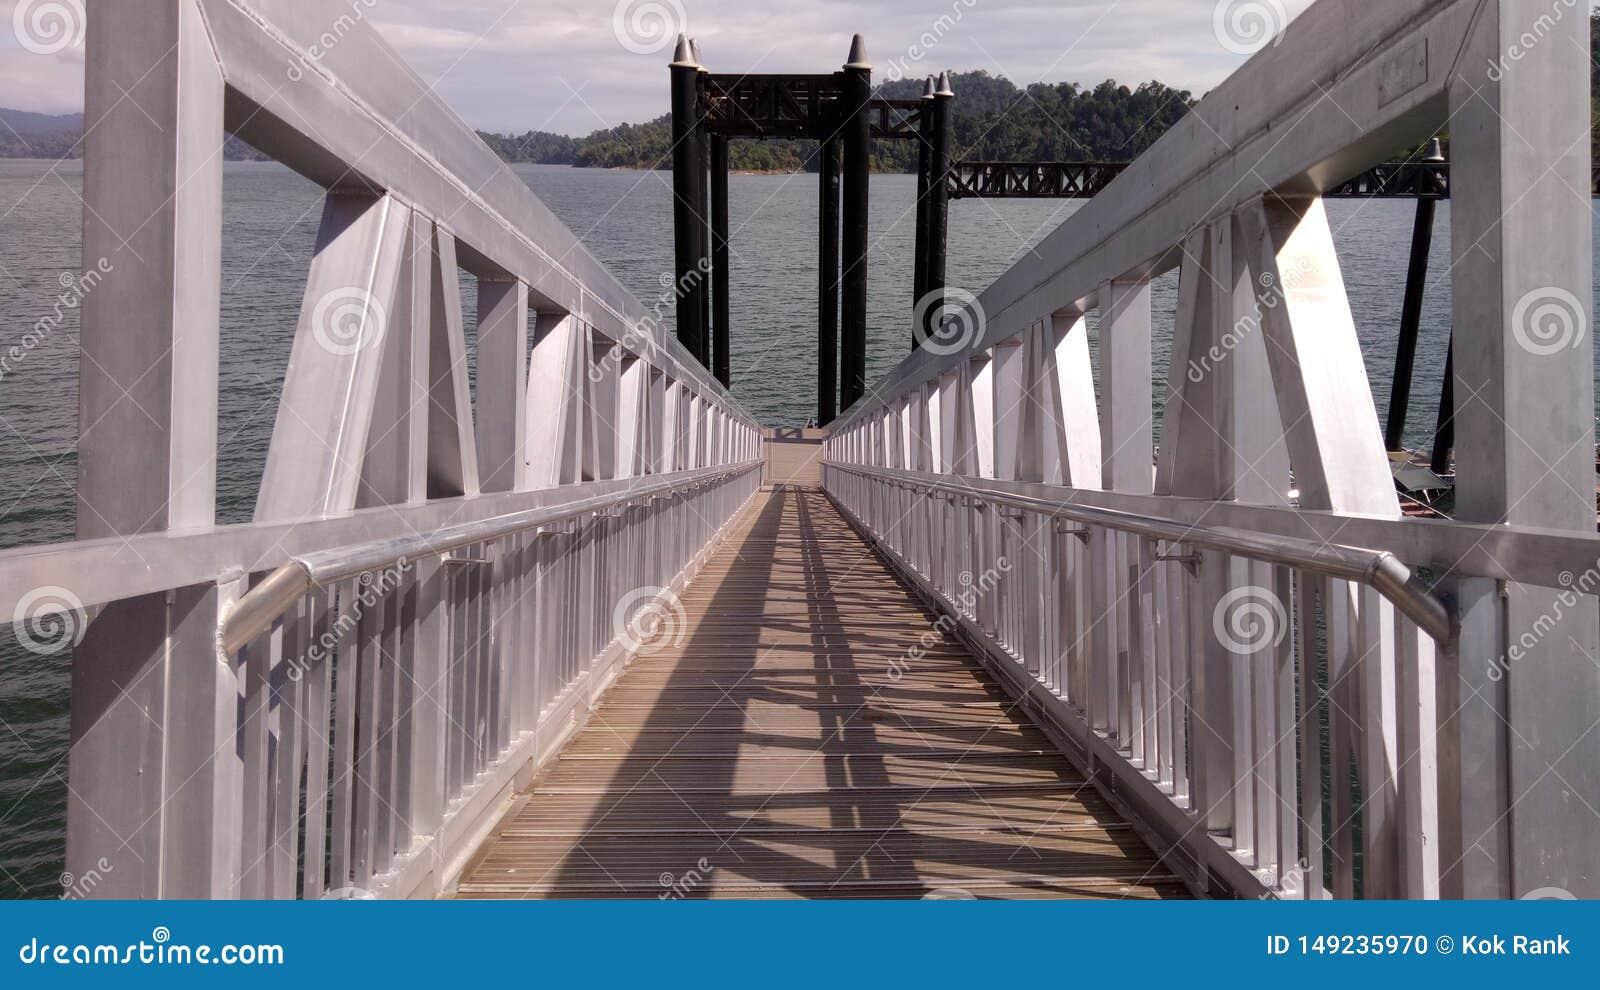 Small bridge at blue lake